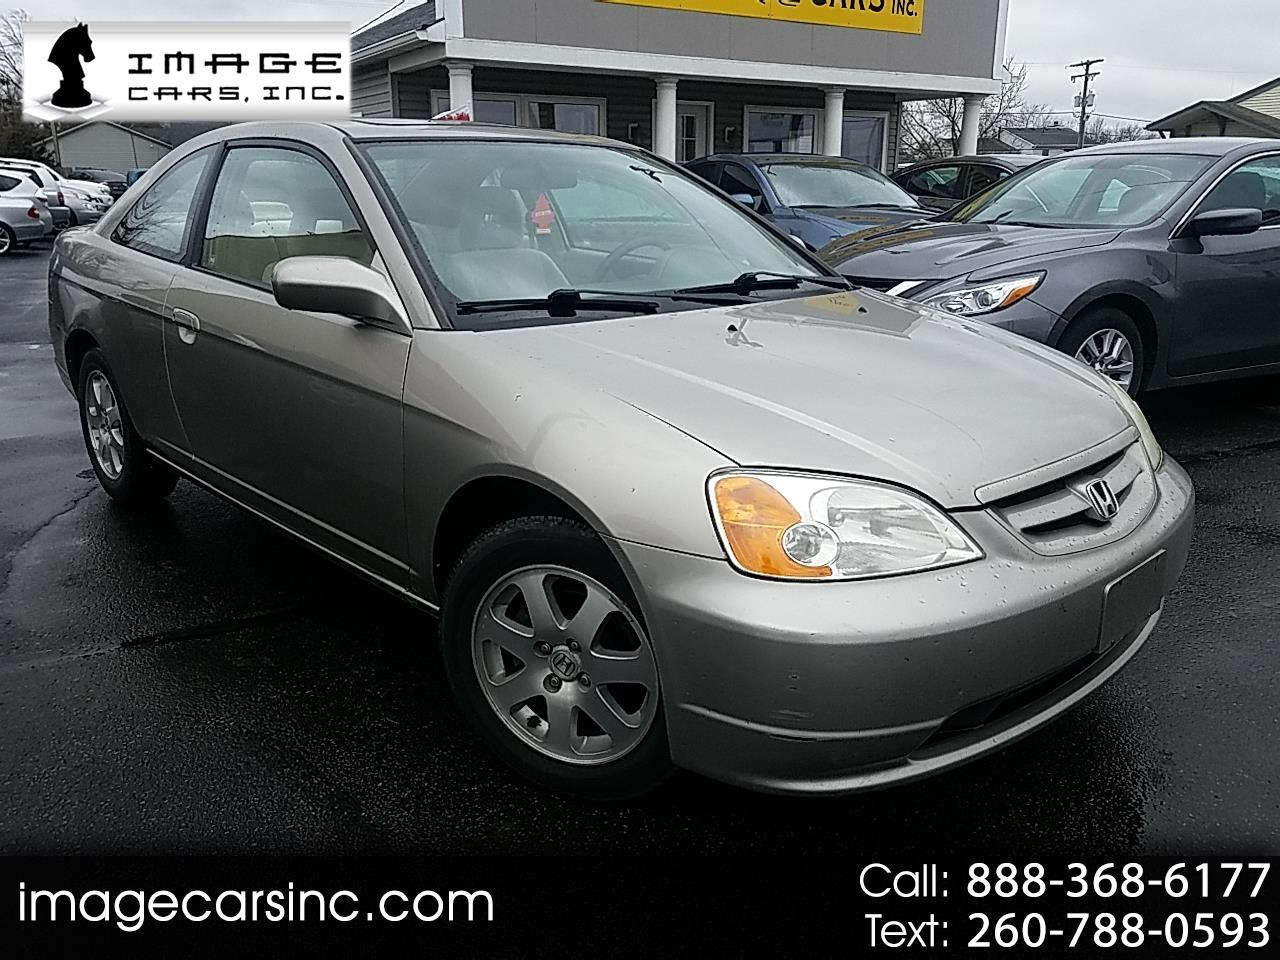 2003 Honda Civic 1.5 4-Door Sedan